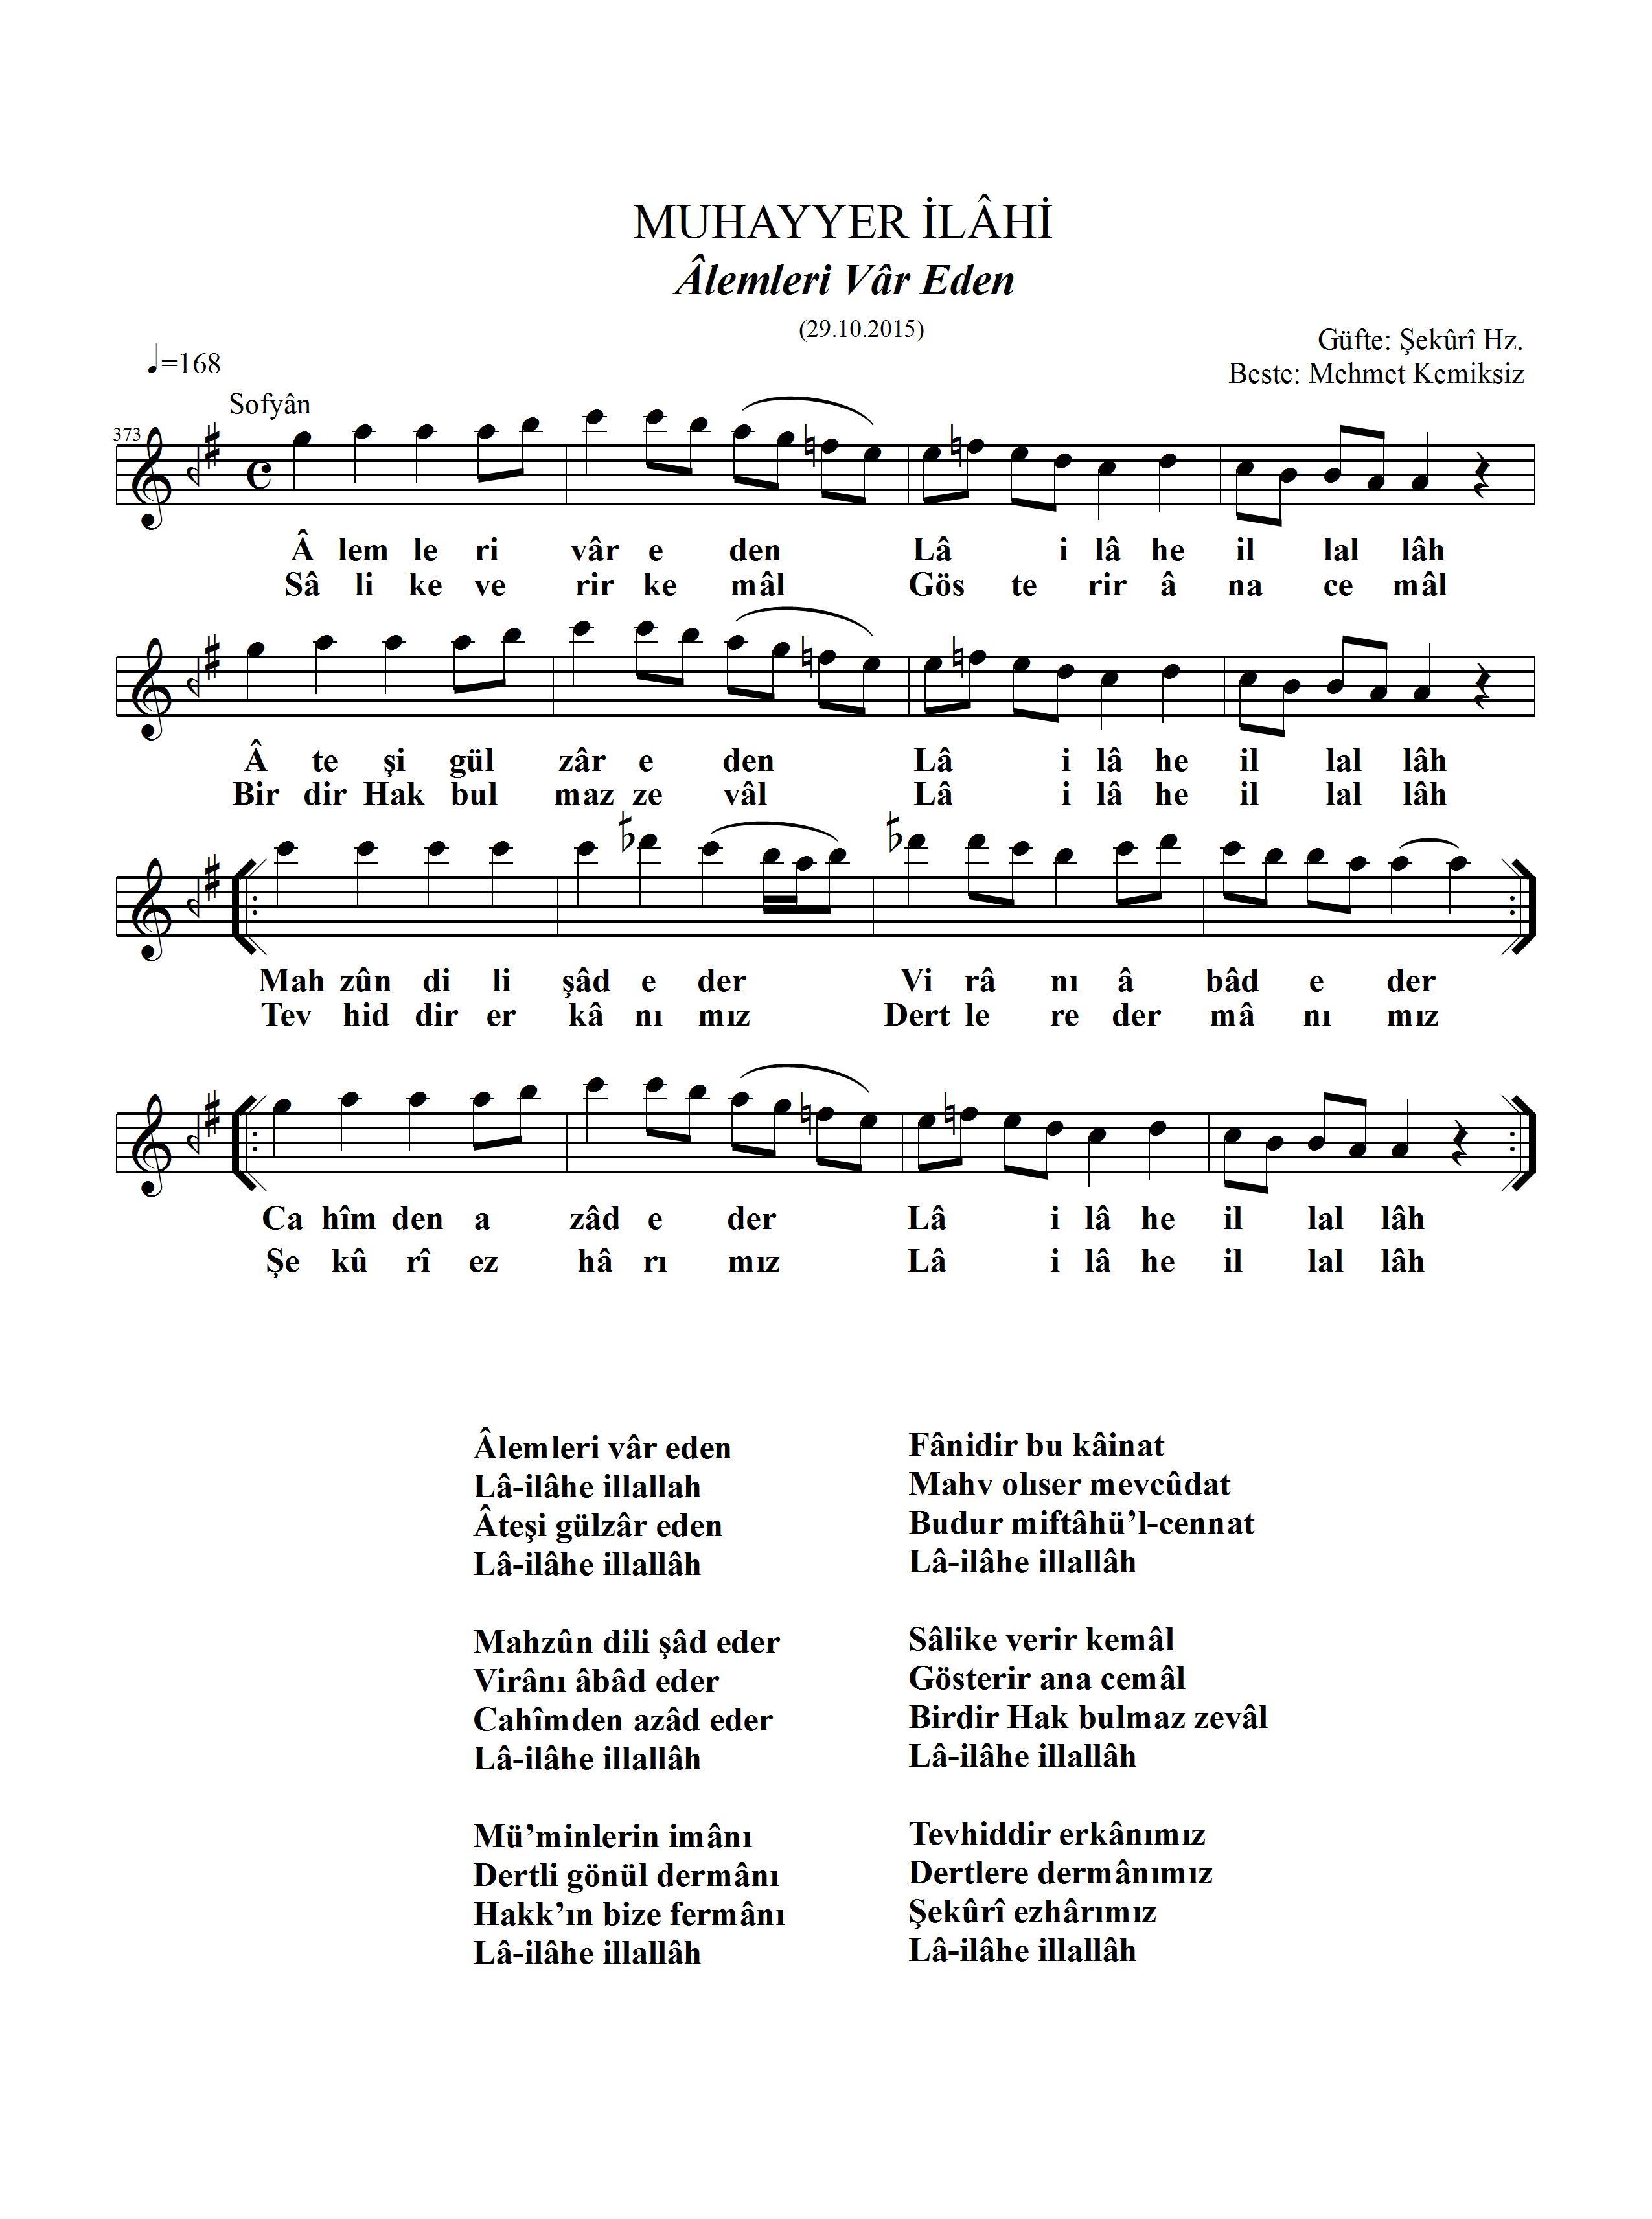 373-Muhayyer-AlemleriVarEden